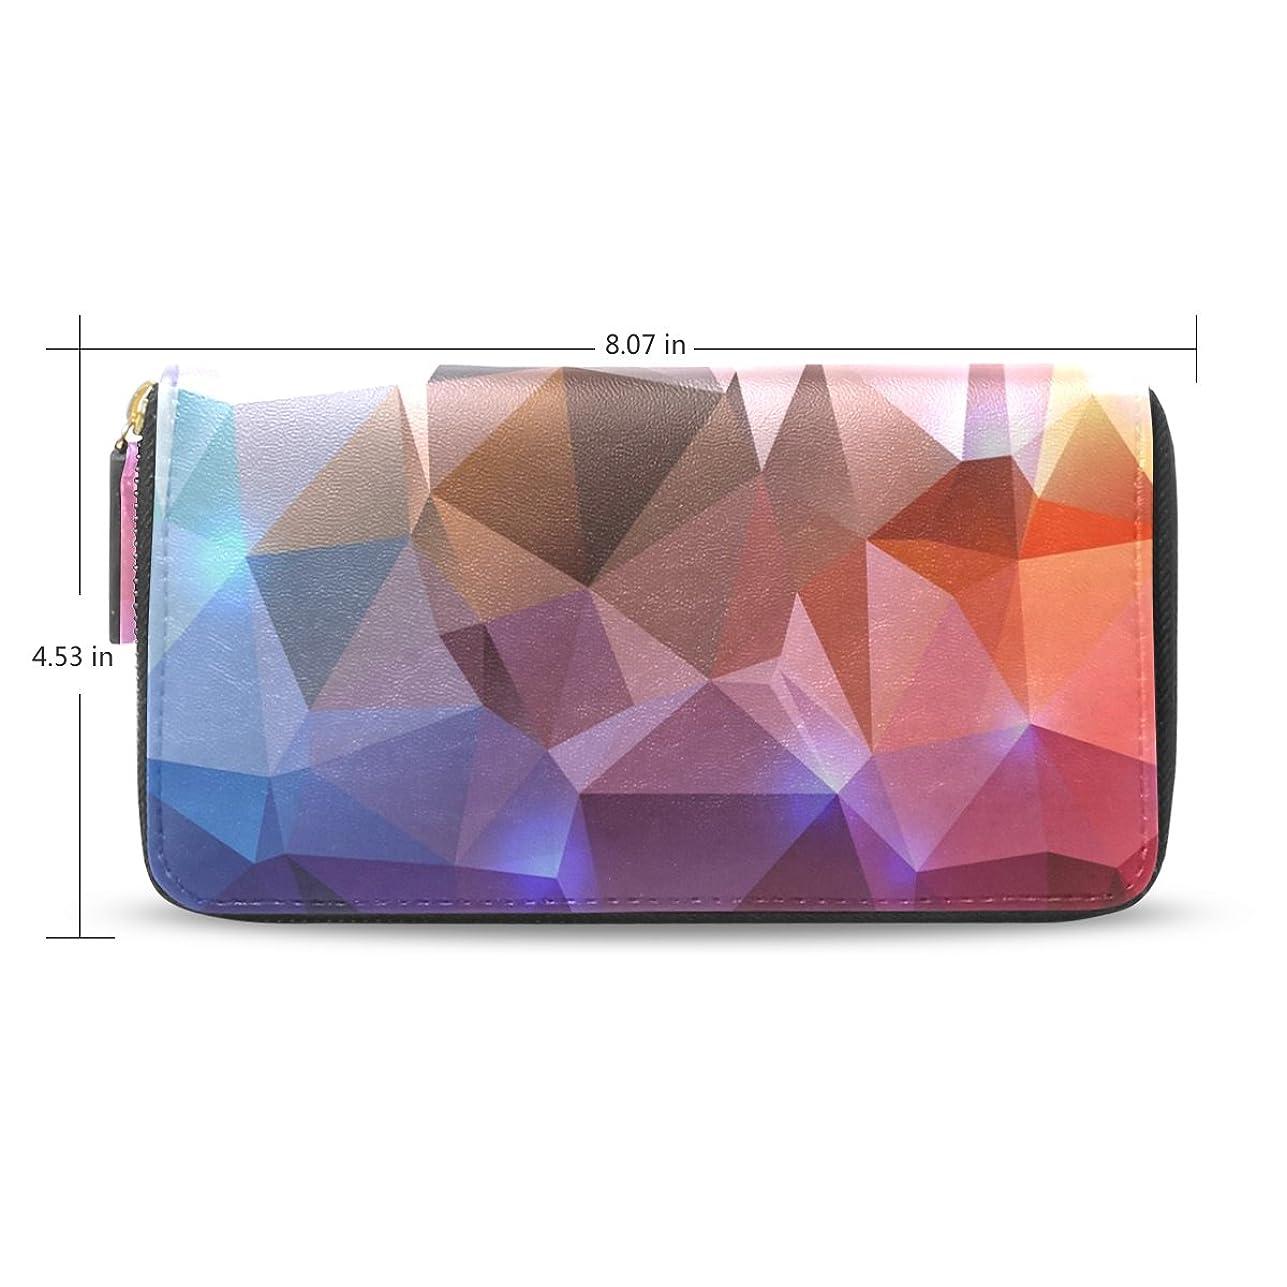 性格別にヨーグルトUSAKI(ユサキ) レディース ファスナー 財布,抽象的 3D チェック柄,お札 小銭 カード入れ 大容量 長財布 入学式 卒業式 誕生日 プレゼント